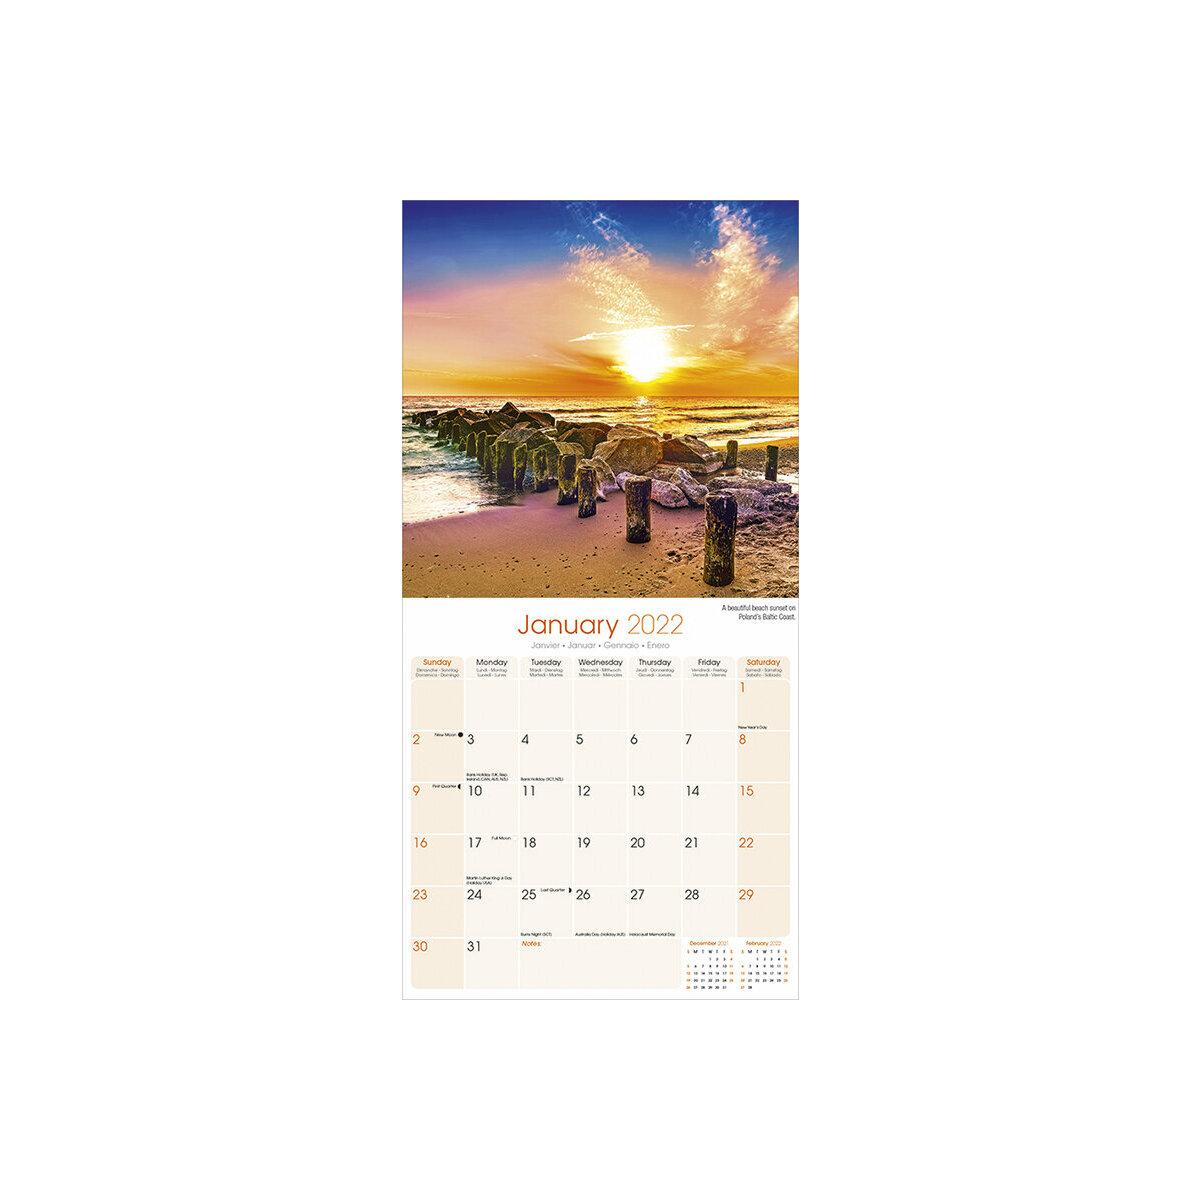 Calendrier 2022 Lever Et Coucher Du Soleil Calendrier 2022 Coucher de soleil